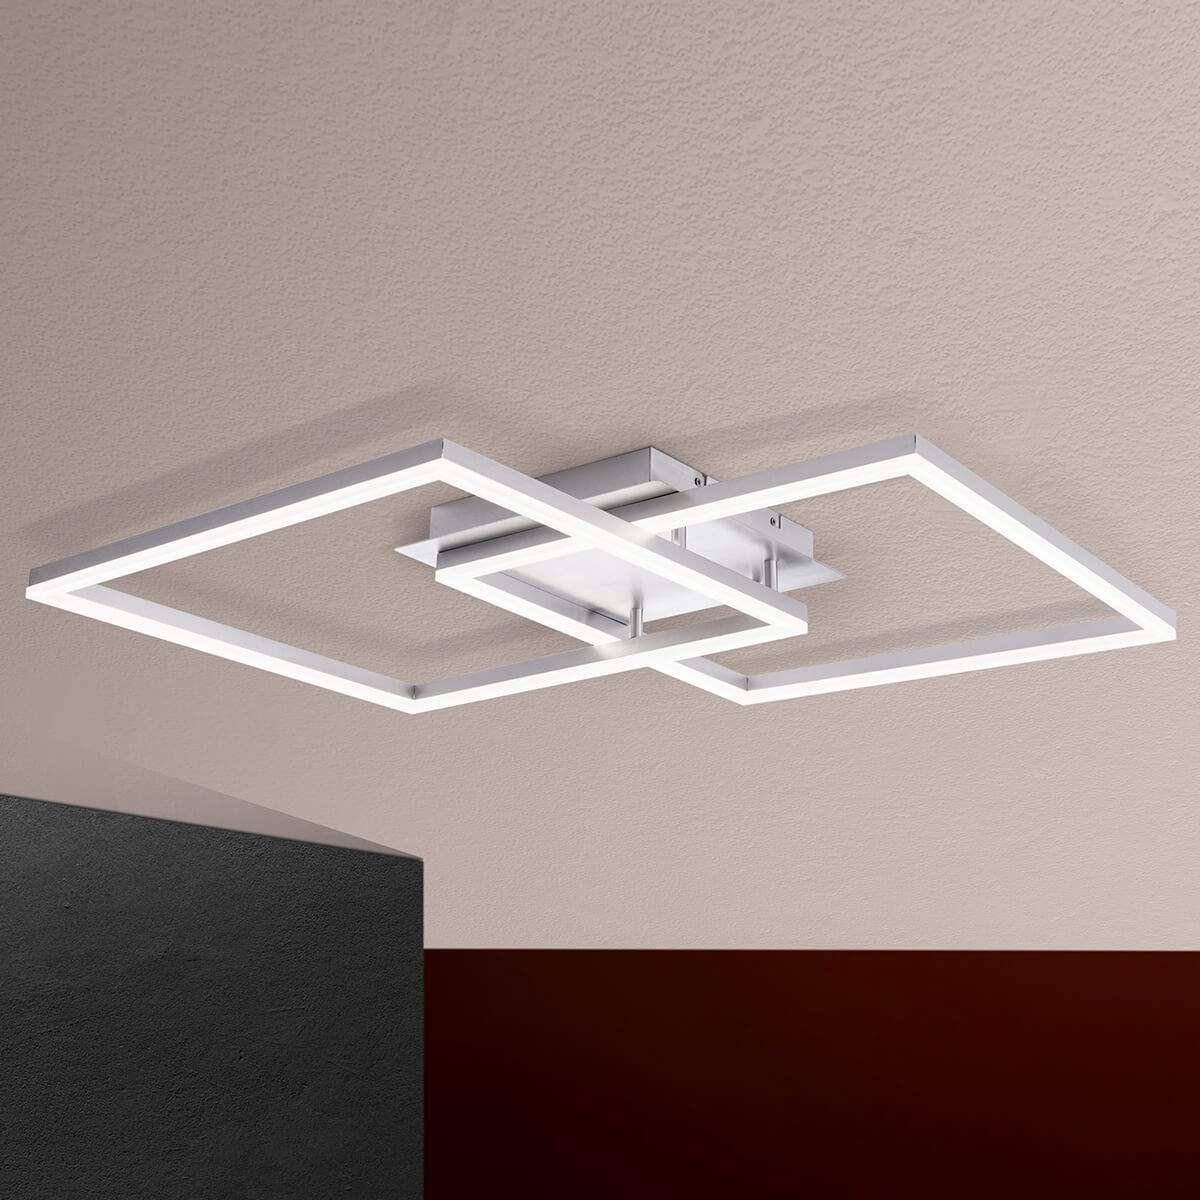 Kuchen Deckenlampe Deckenleuchten Wohnzimmer Led Led Deckenbeleuchtung Wohnzimmer Led Deckenleuch Deckenleuchte Wohnzimmer Deckenlampe Wohnzimmer Leuchte